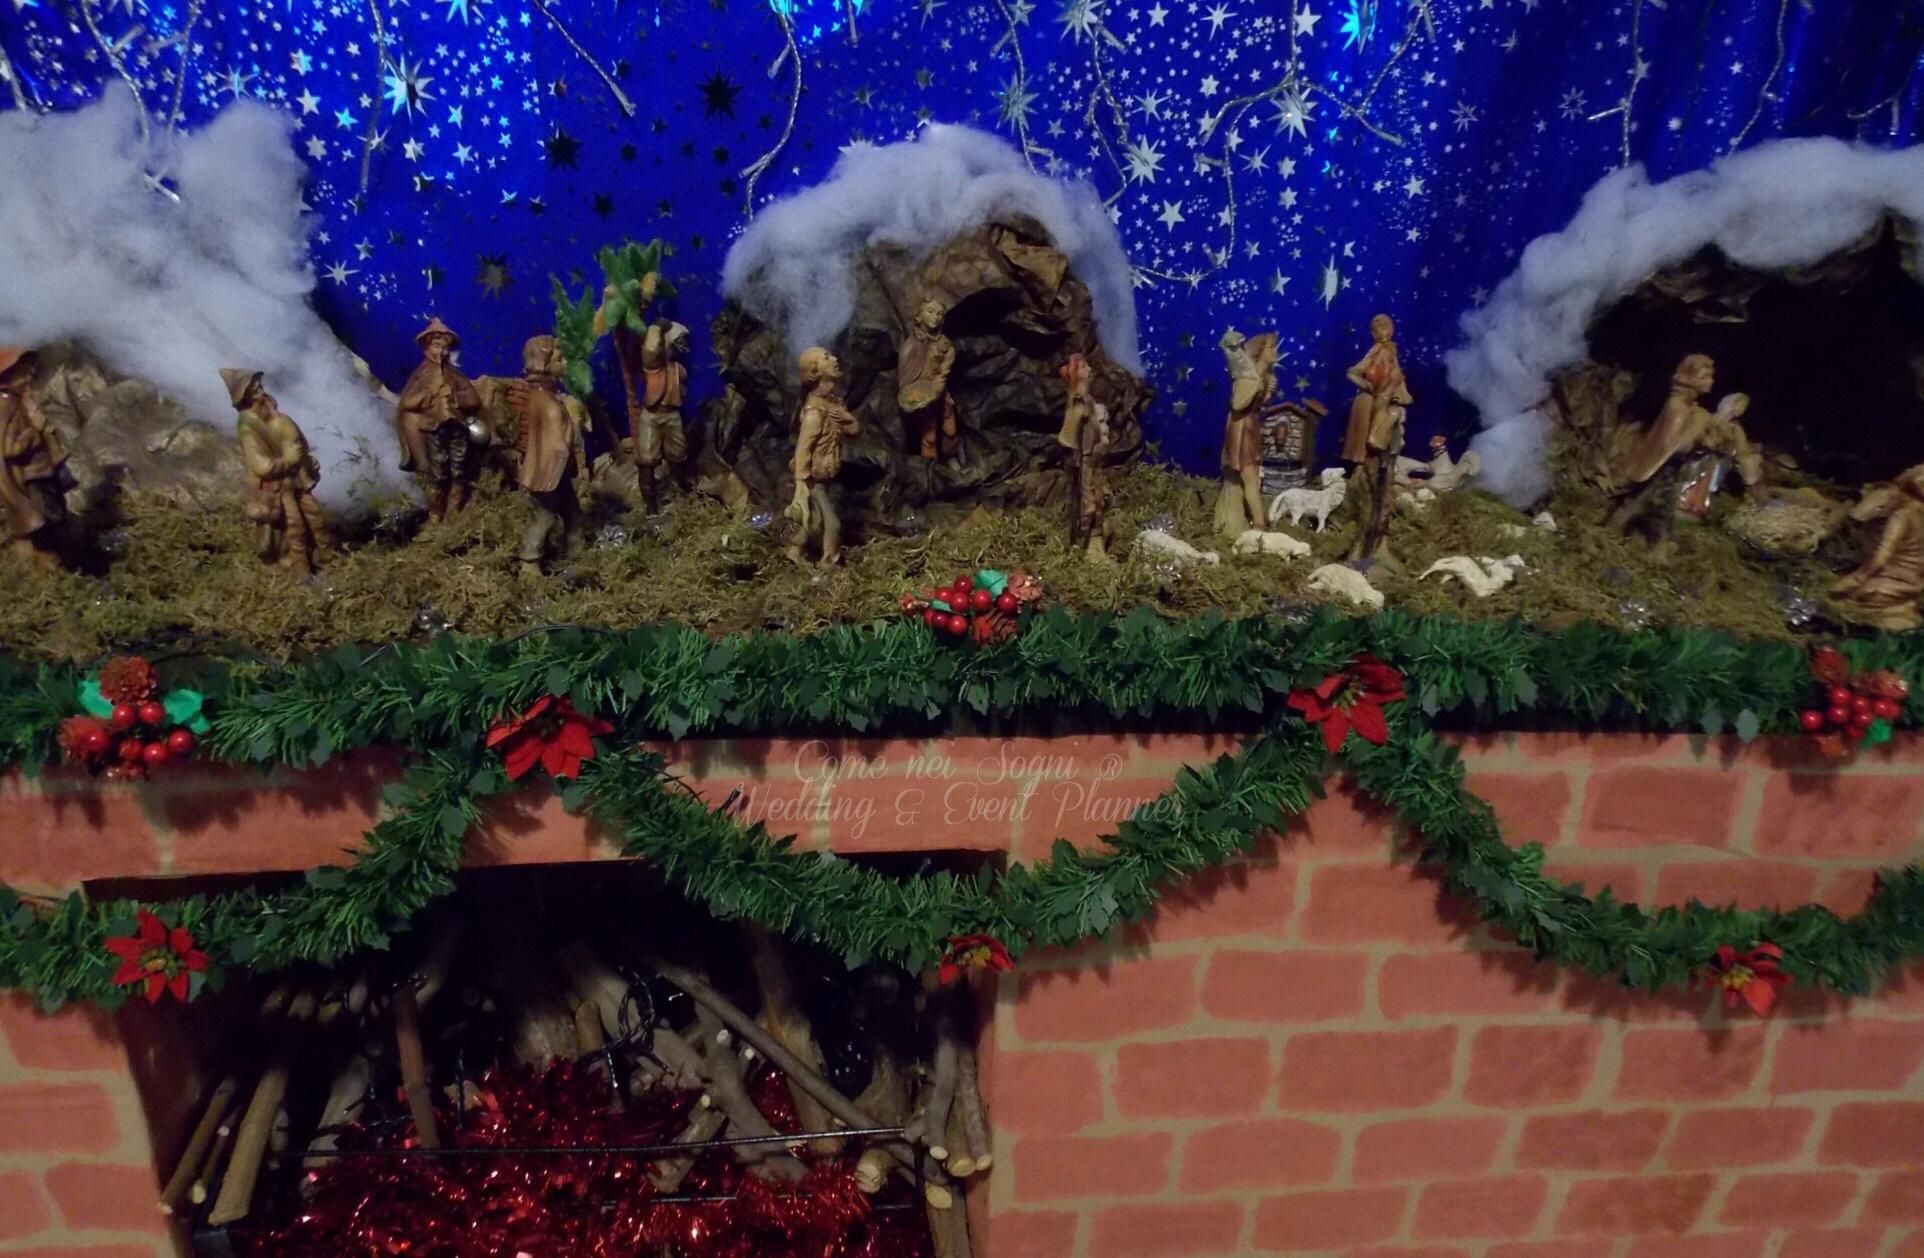 A Natale regala un sogno